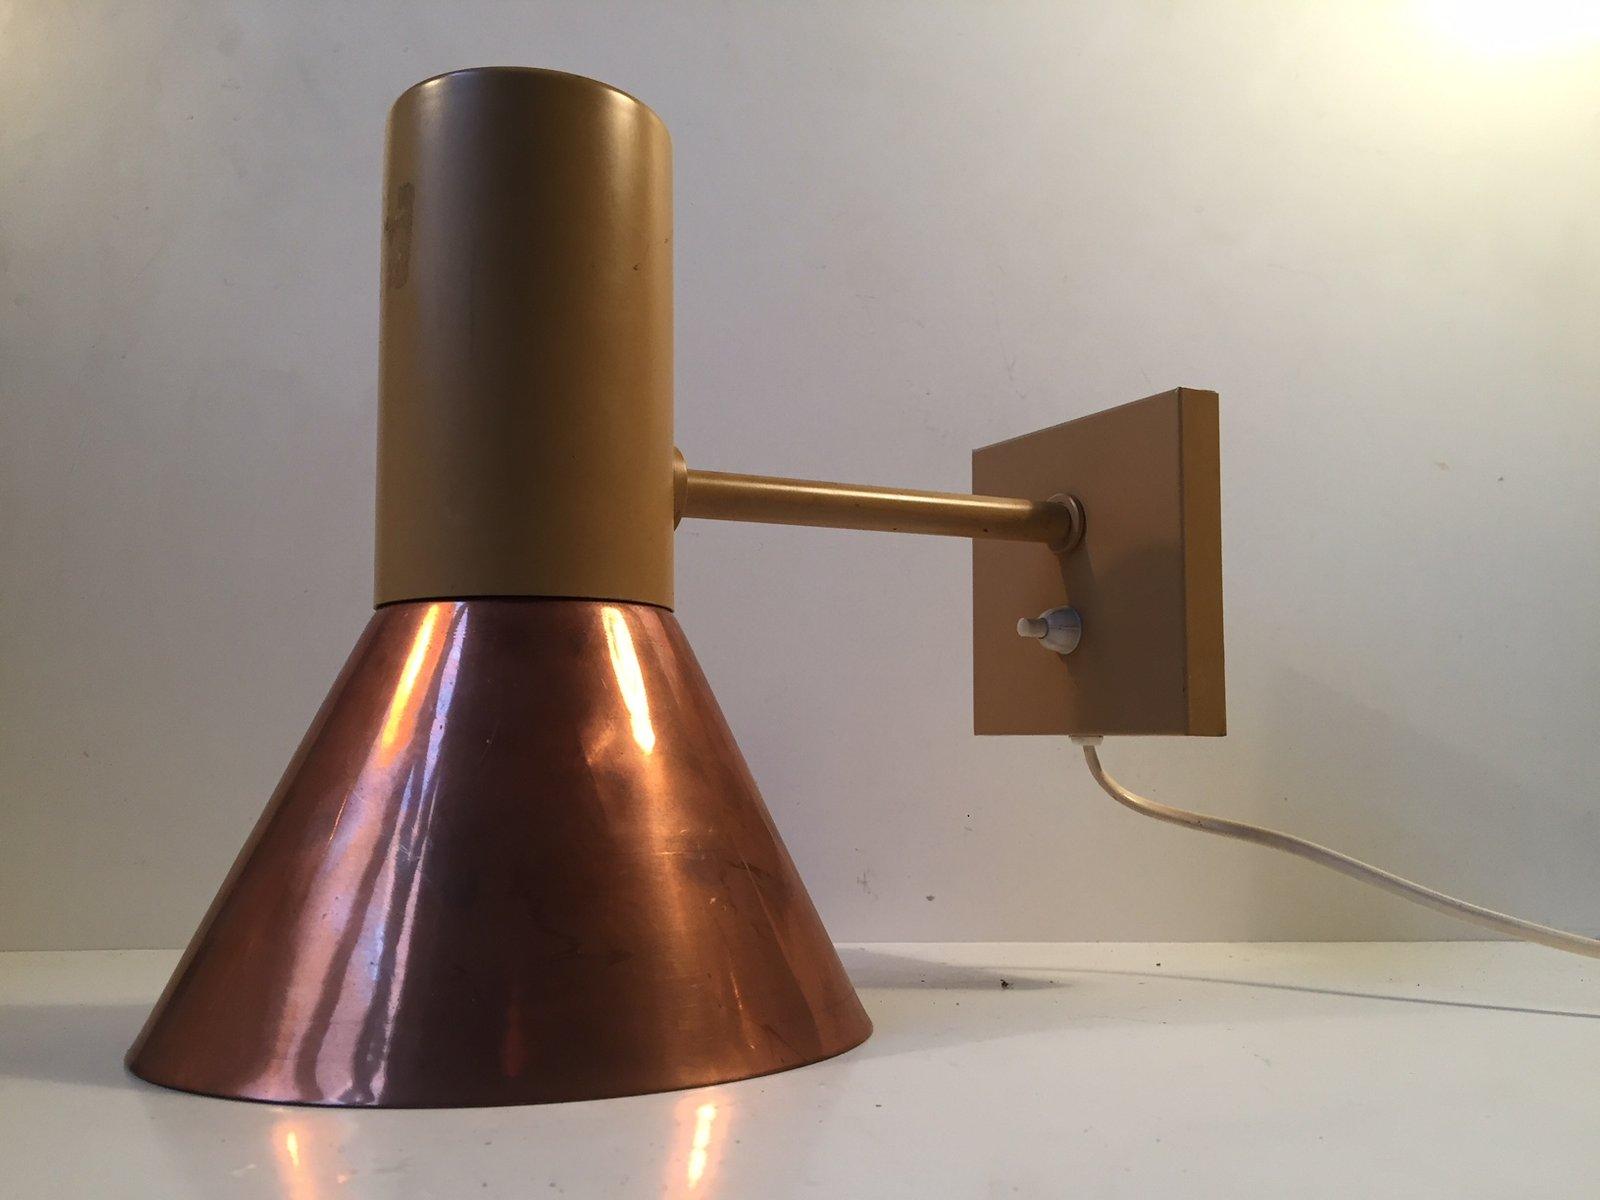 gro e d nische kupfer wandlampe von fog m rup 1970er bei pamono kaufen. Black Bedroom Furniture Sets. Home Design Ideas